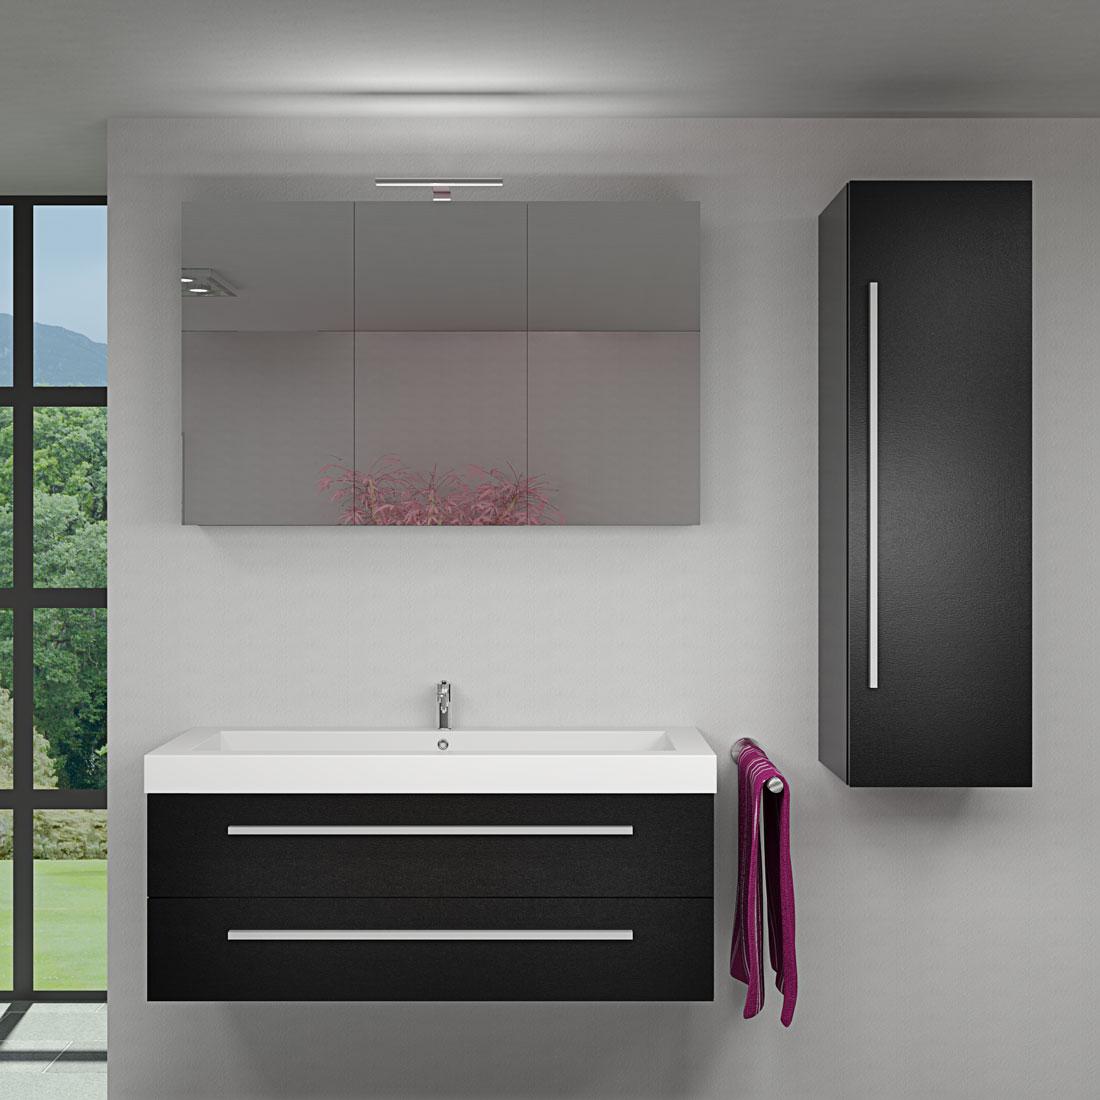 badmobel schwarz, badmöbel set city 101 v3 esche schwarz, badezimmermöbel, waschtisch, Design ideen